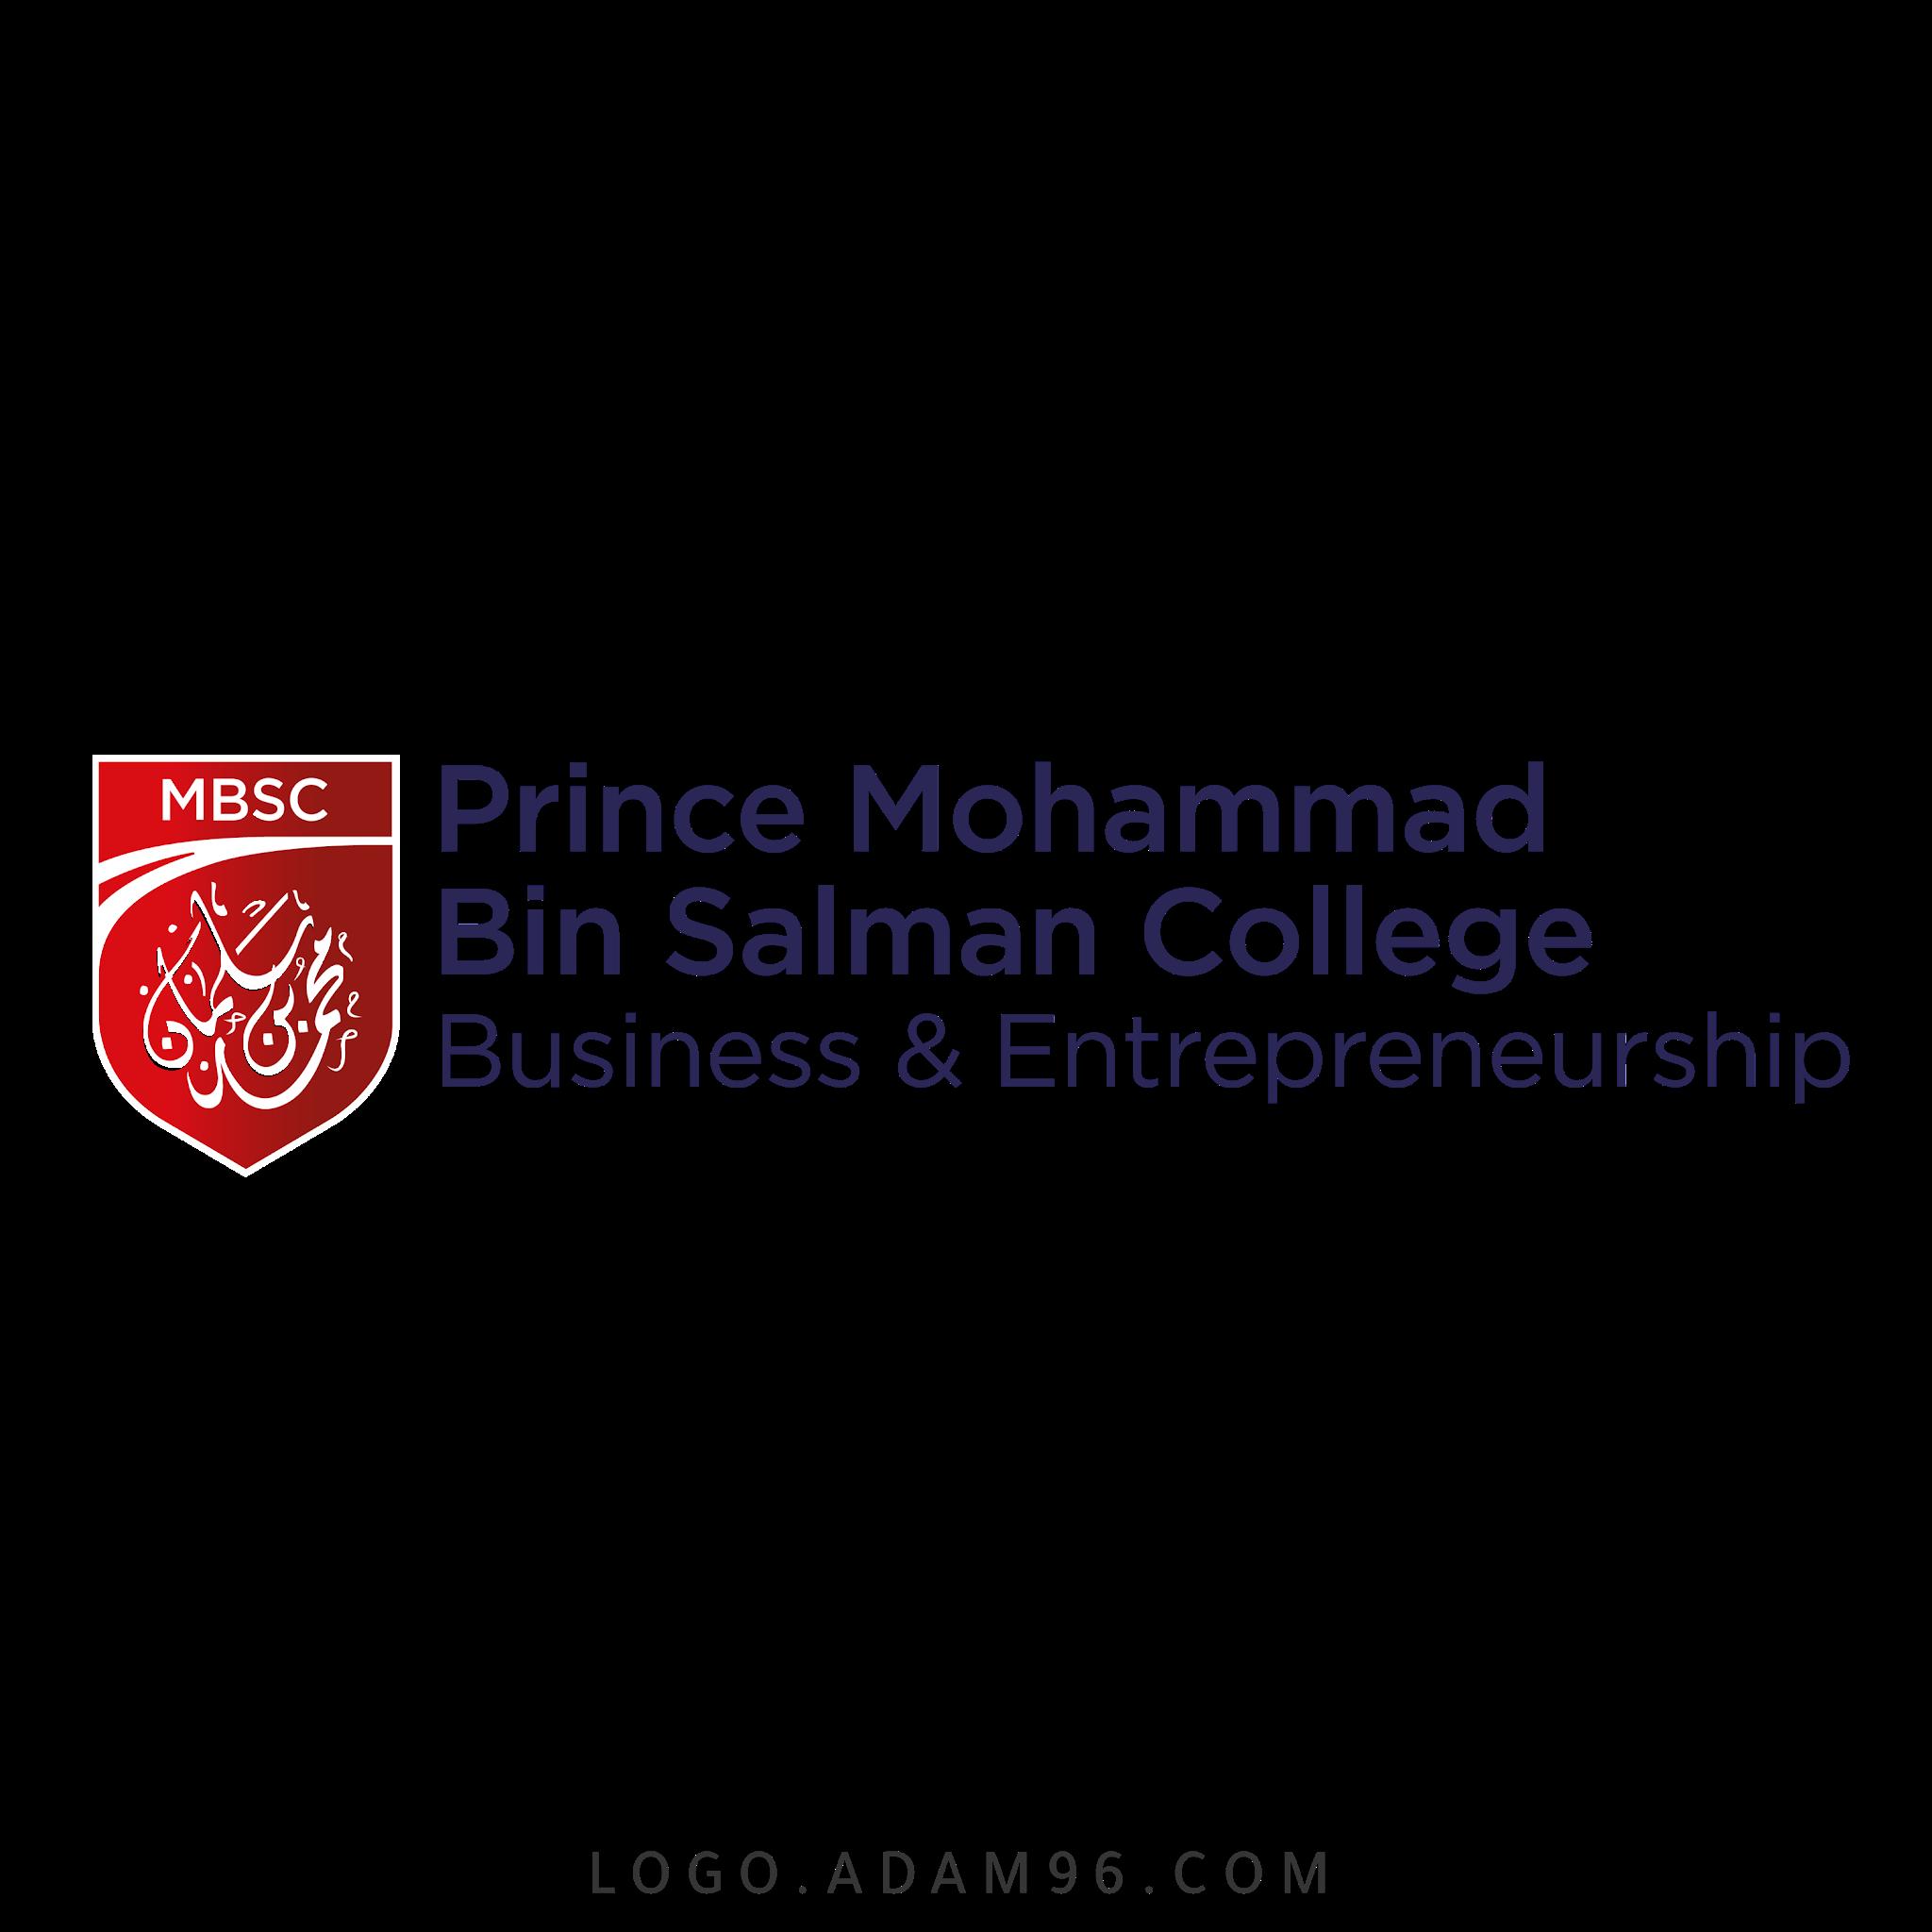 تحميل شعار كلية الأمير محمد بن سلمان لوجو رسمي عالي الجودة بصيغة PNG